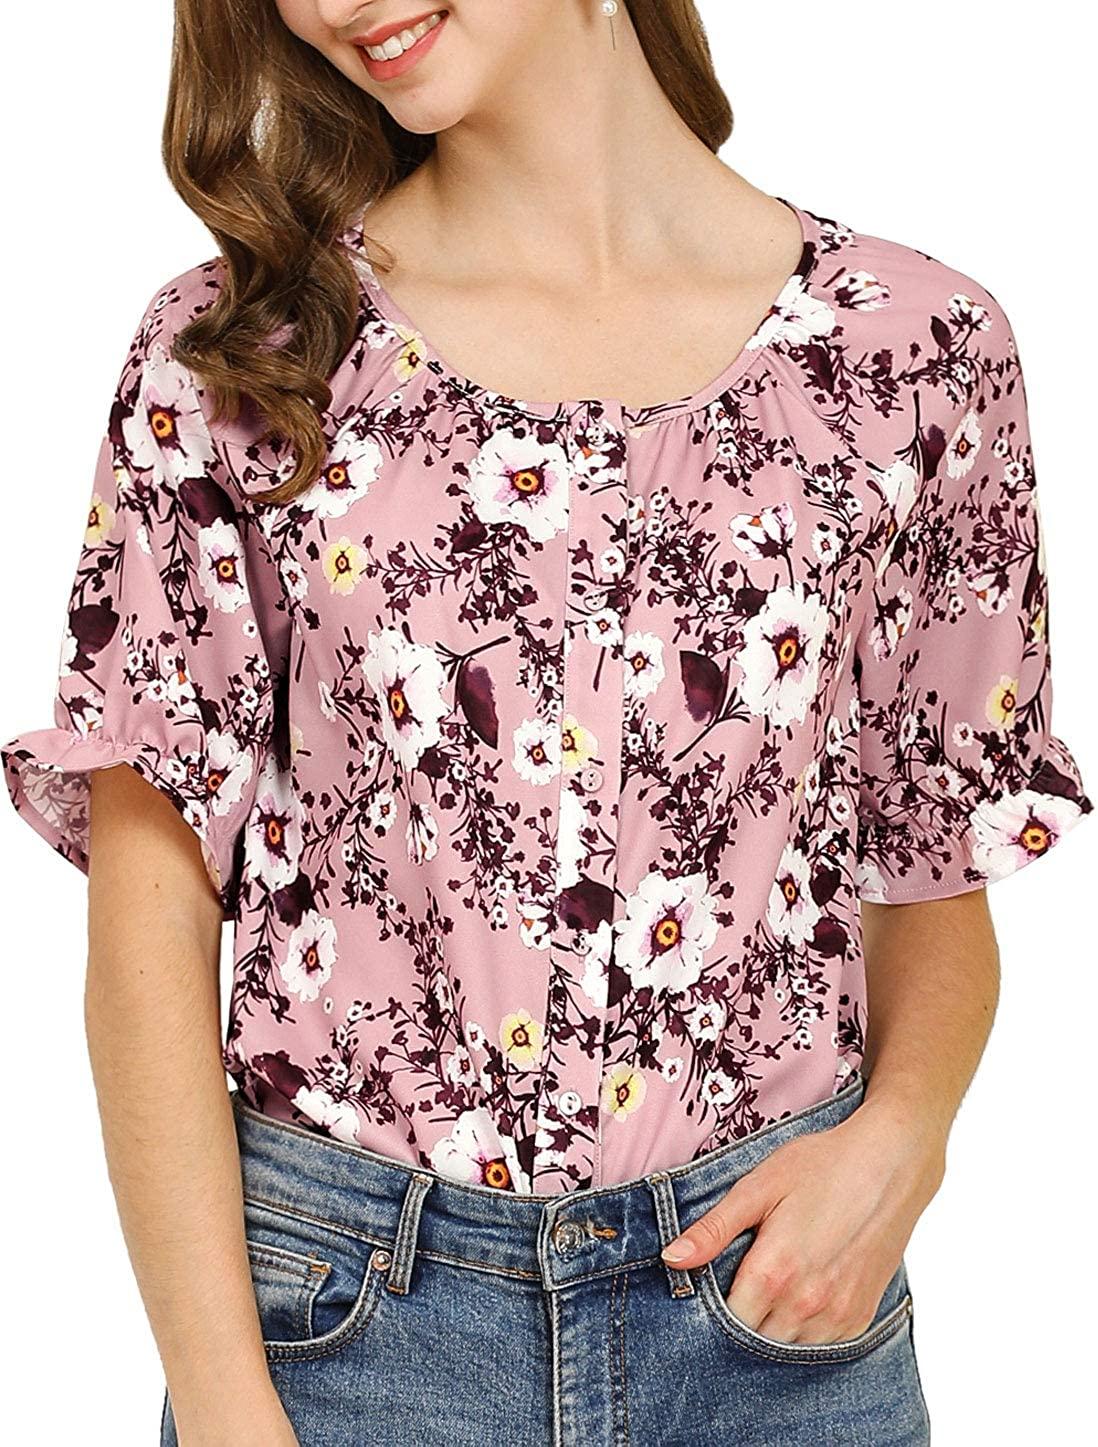 Allegra K Women's Button Tops Puff Sleeve Ruffle Cuff Floral Shirts